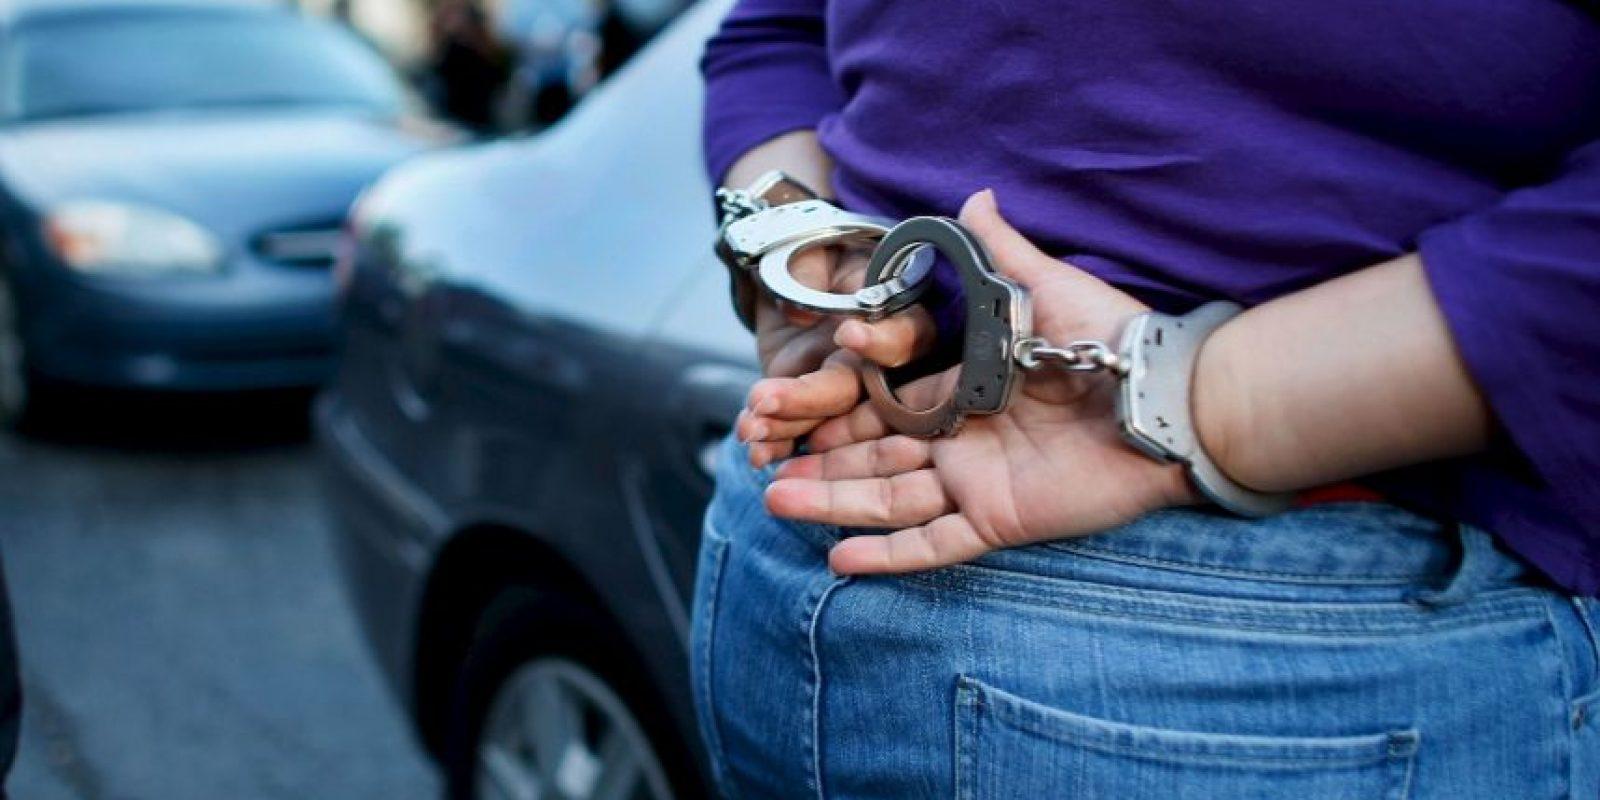 La policía acusó a la mujer de hurto agravado. Foto:Getty Images